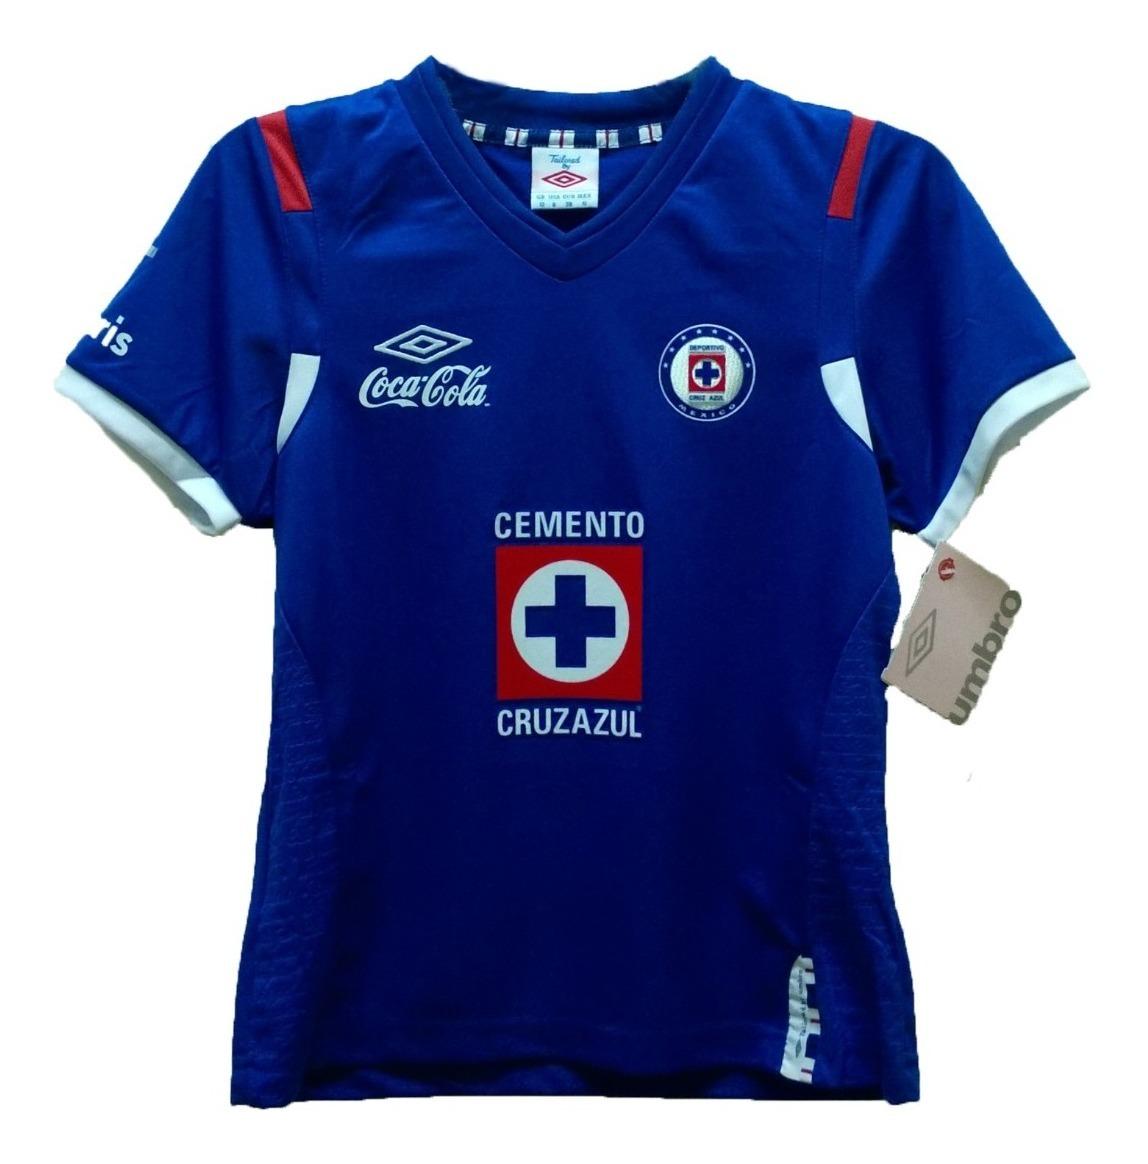 Playera Cruz Azul Niña Original Umbro 2010-2011 - $ 320.00 ...